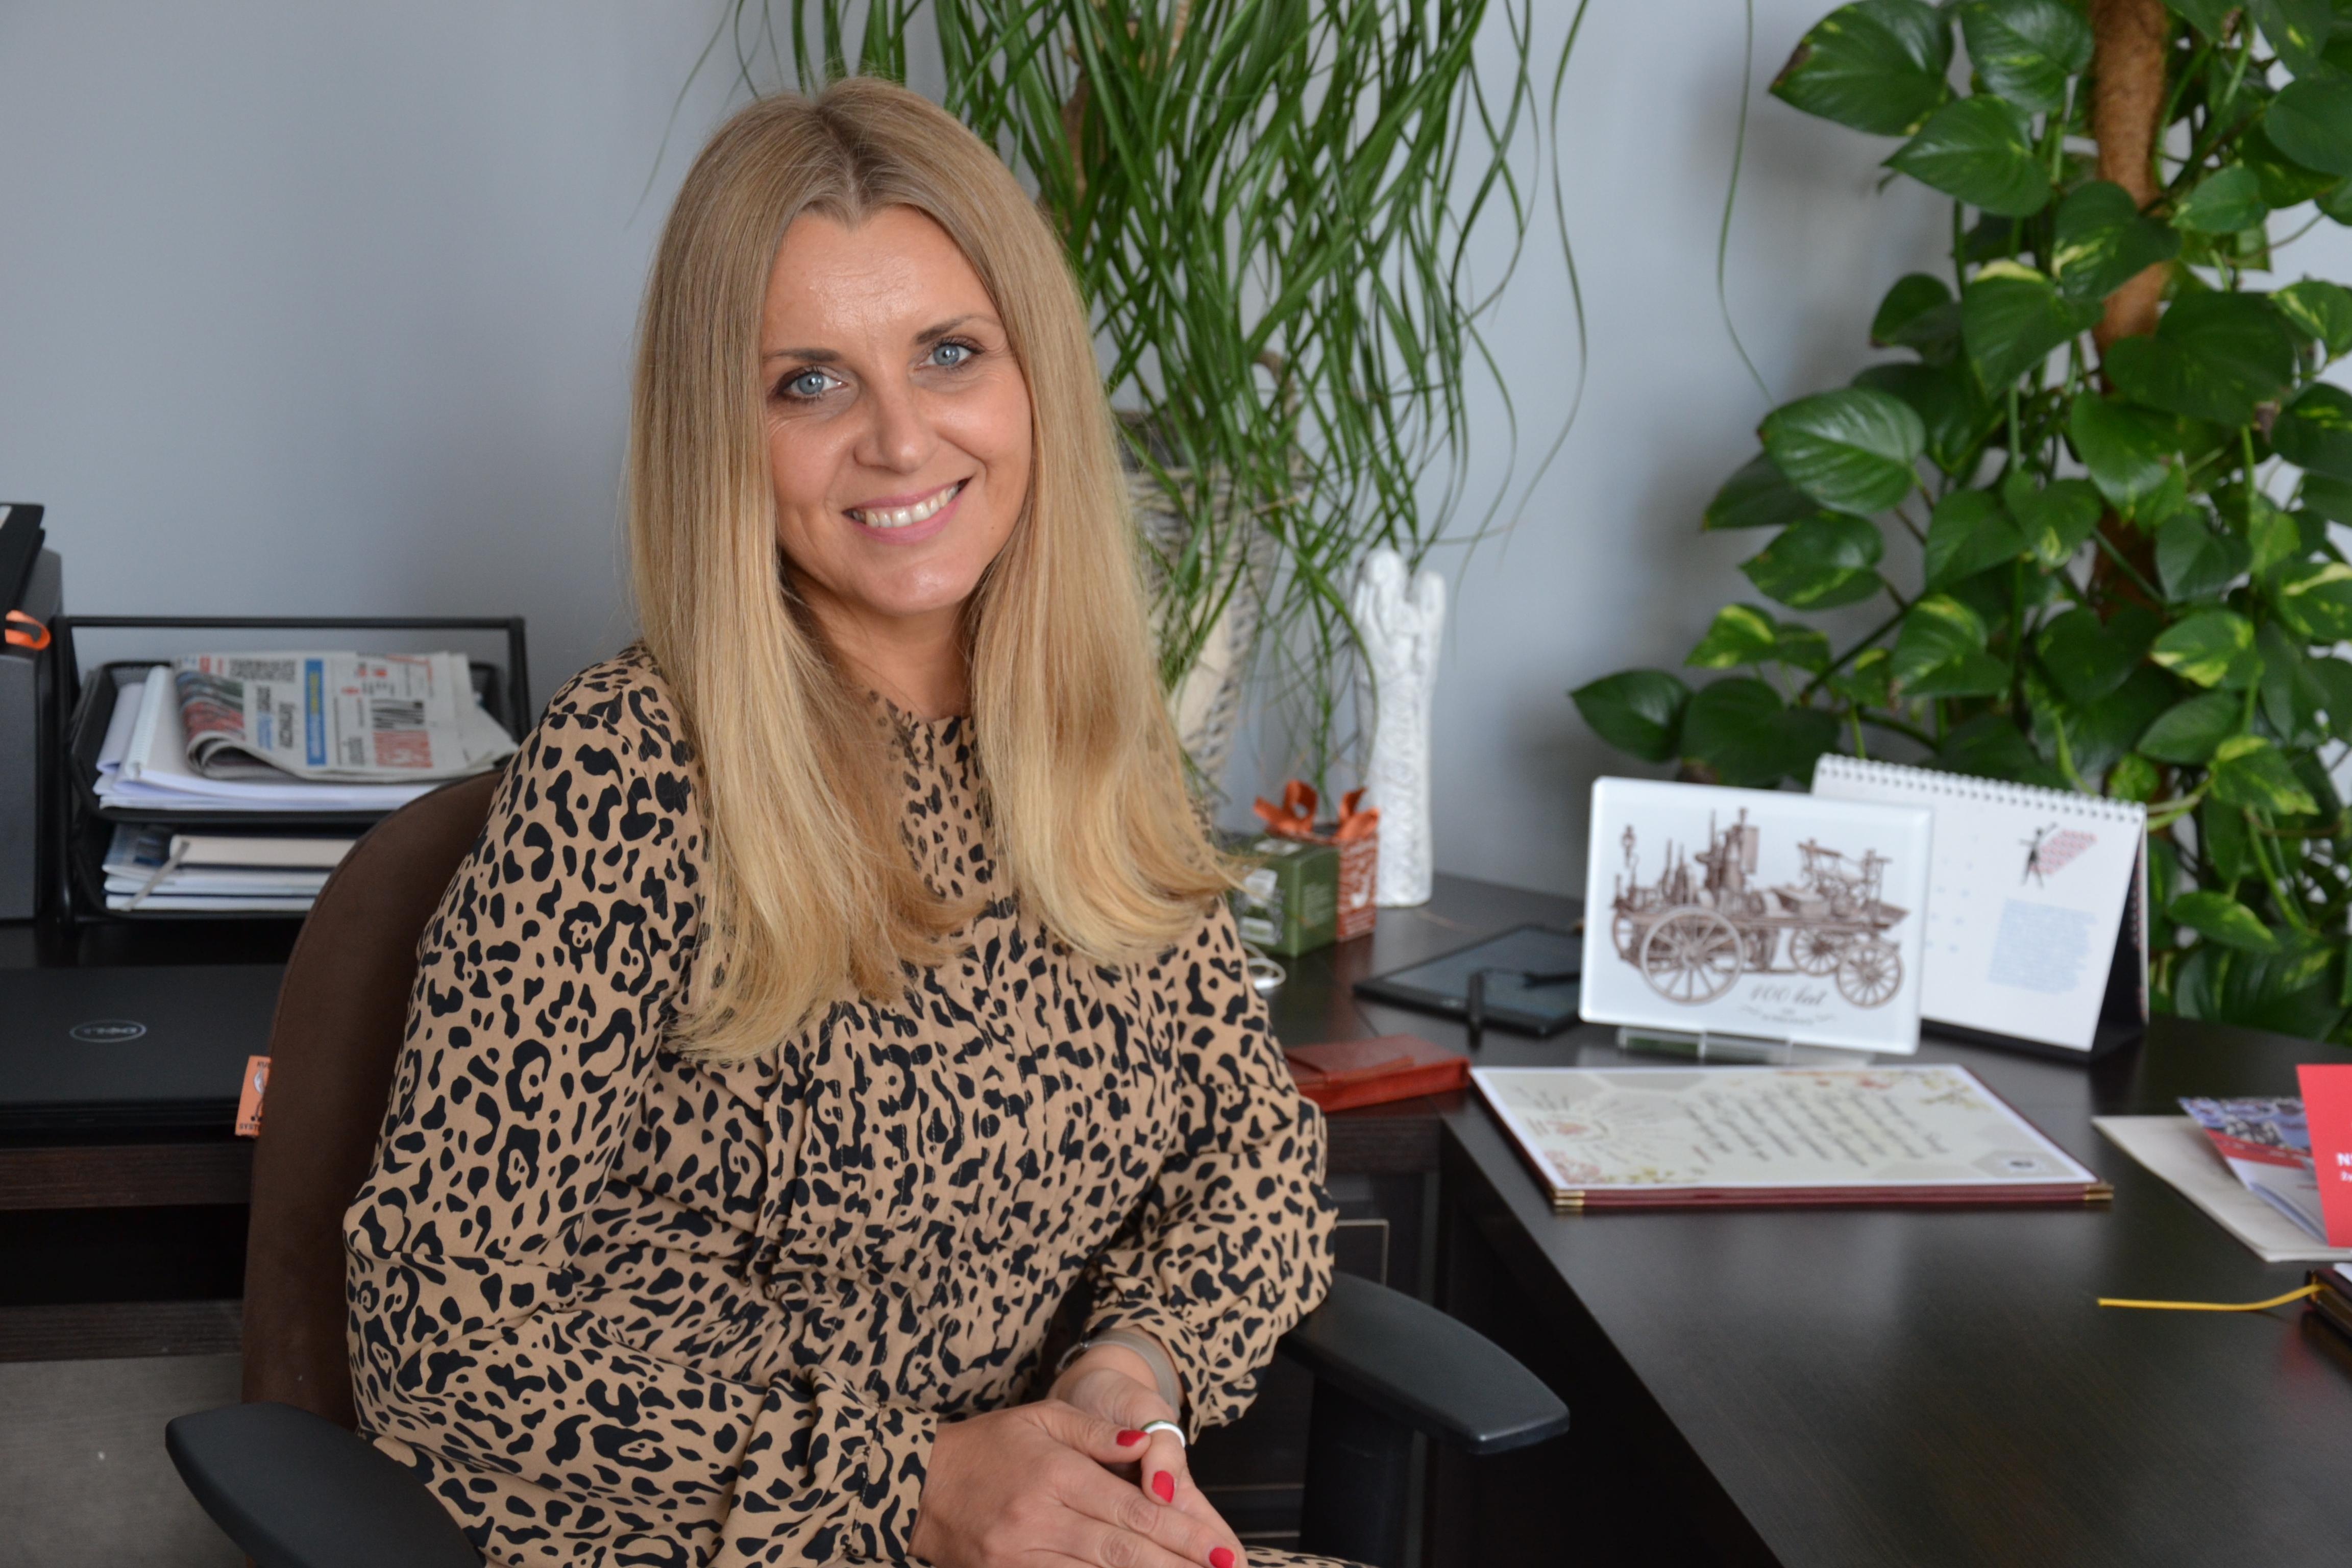 Chcemy być nowoczesnym powiatem, mówi Starosta Beata Sznajder